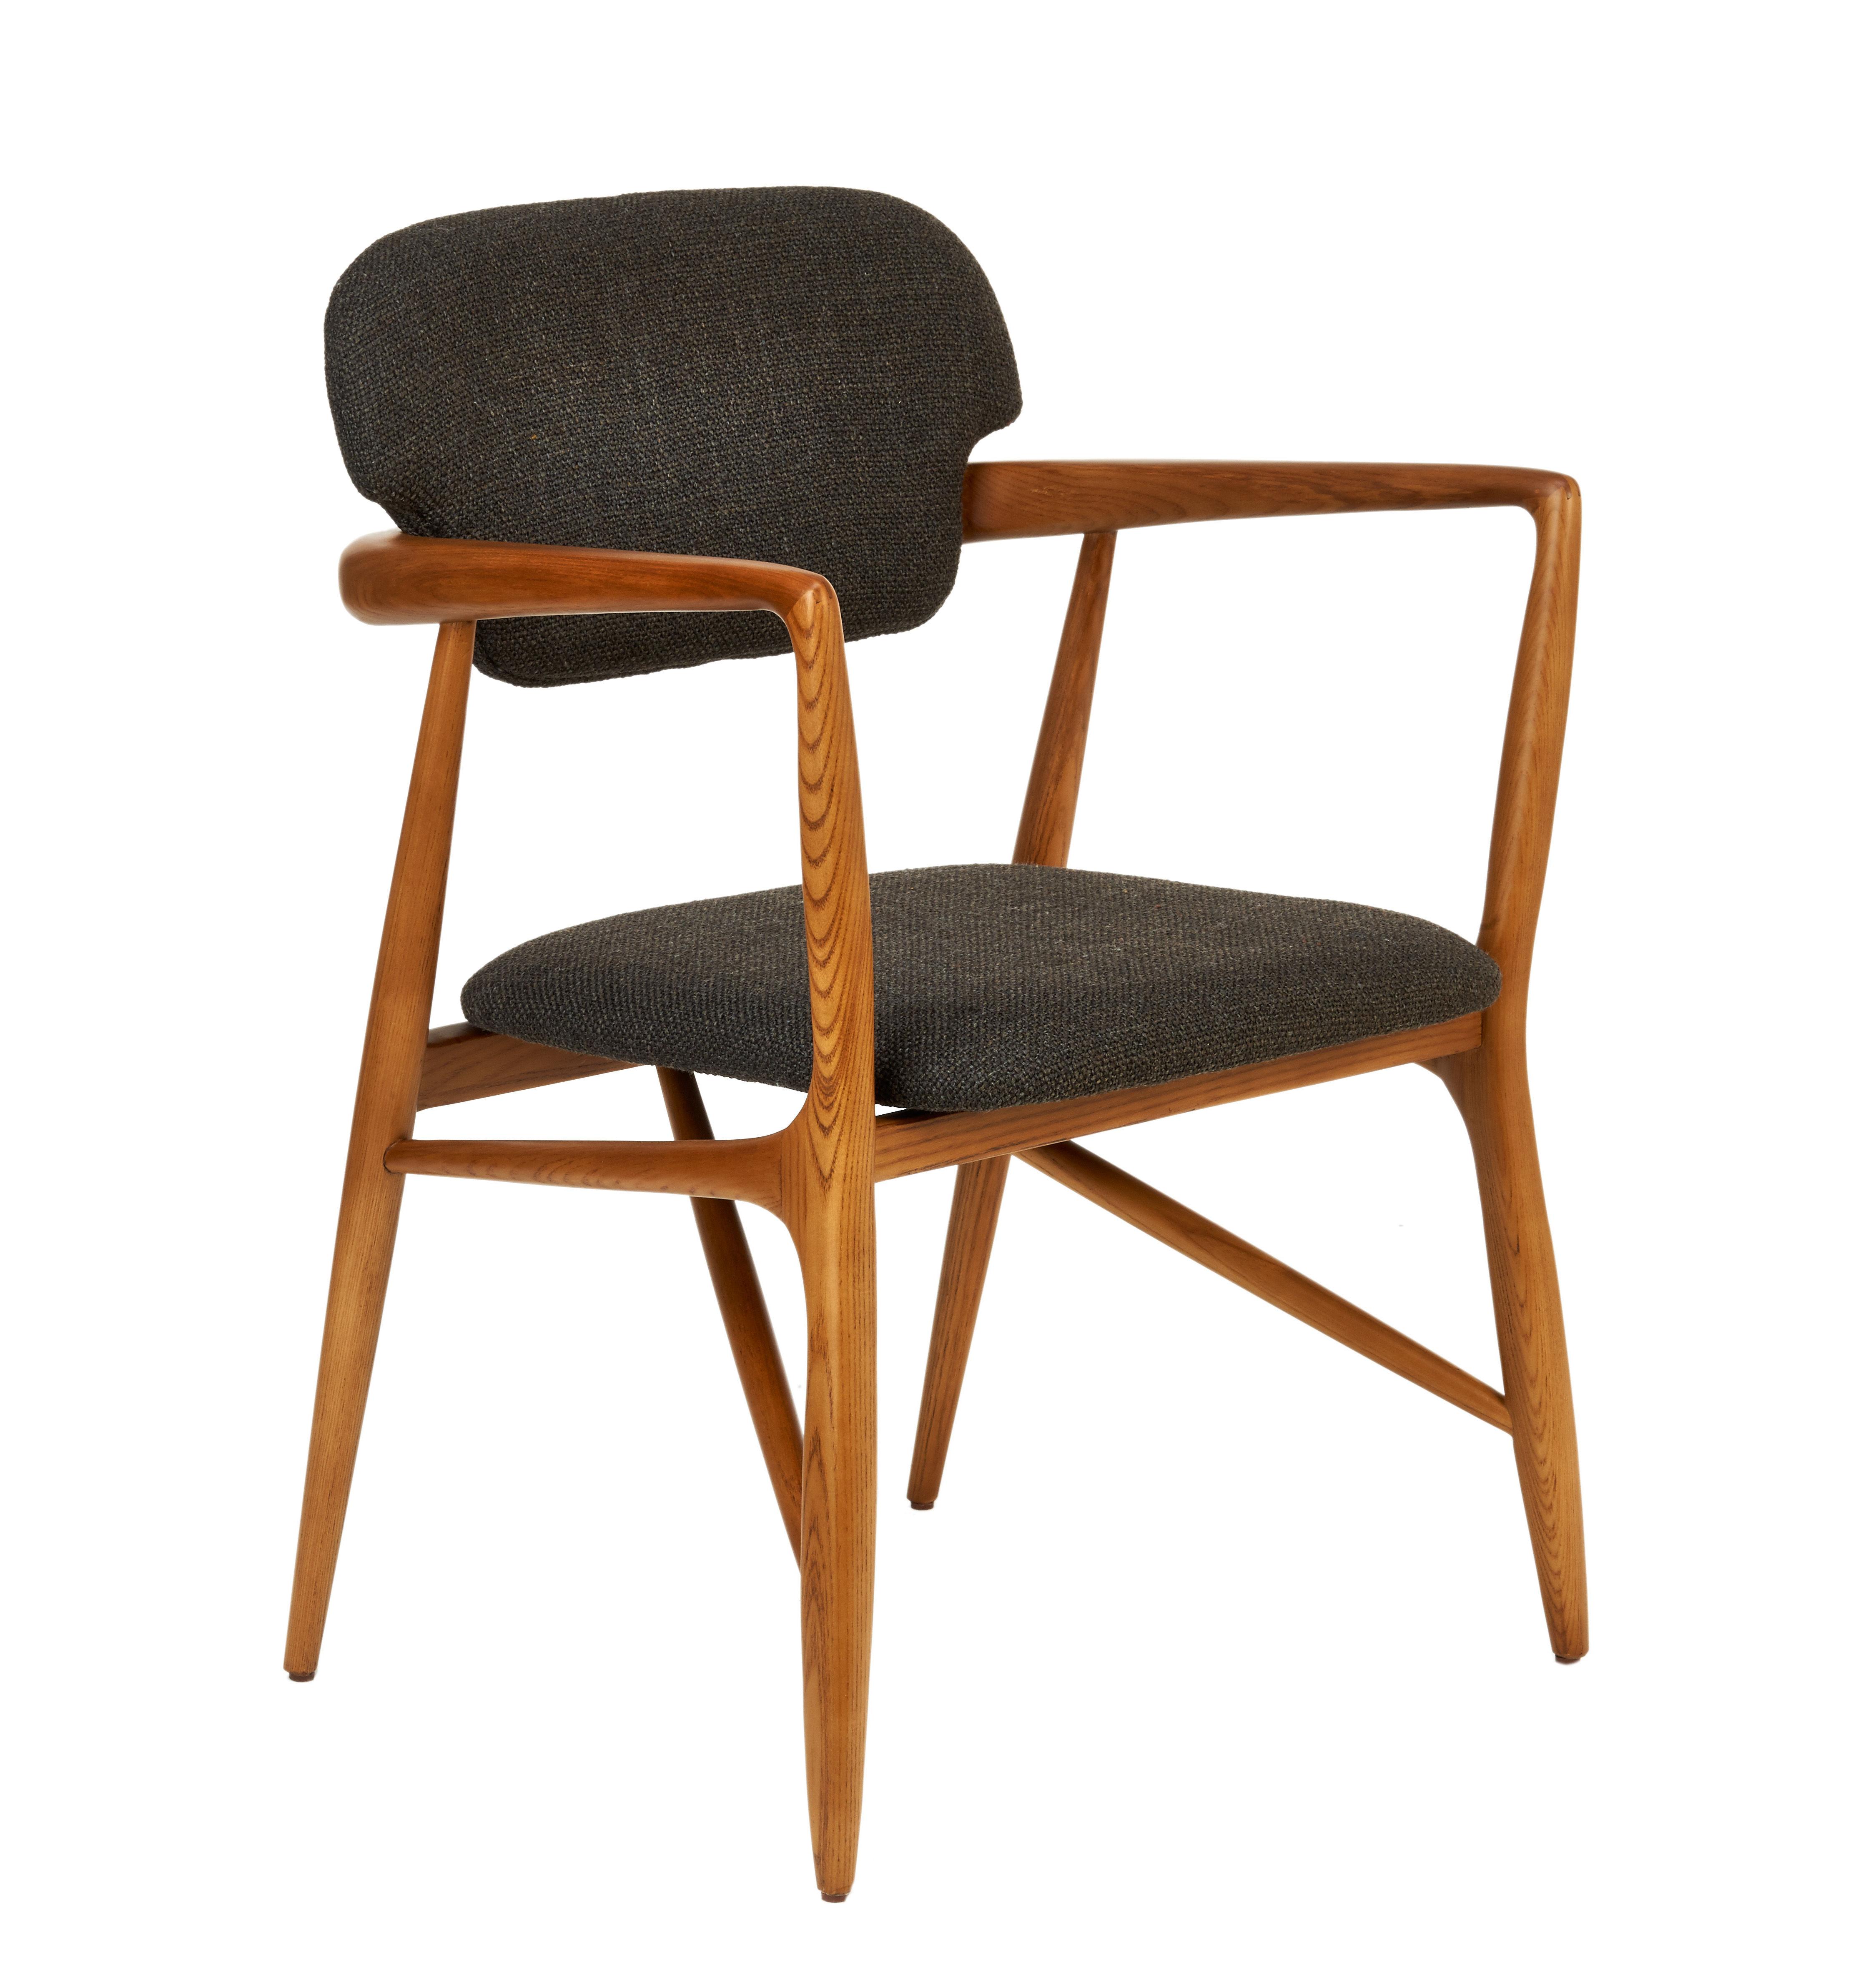 Mobilier - Chaises, fauteuils de salle à manger - Fauteuil rembourré Caracas / Tissu & bois - Pols Potten - Gris foncé / Bois - Frêne massif verni, Mousse, Tissu